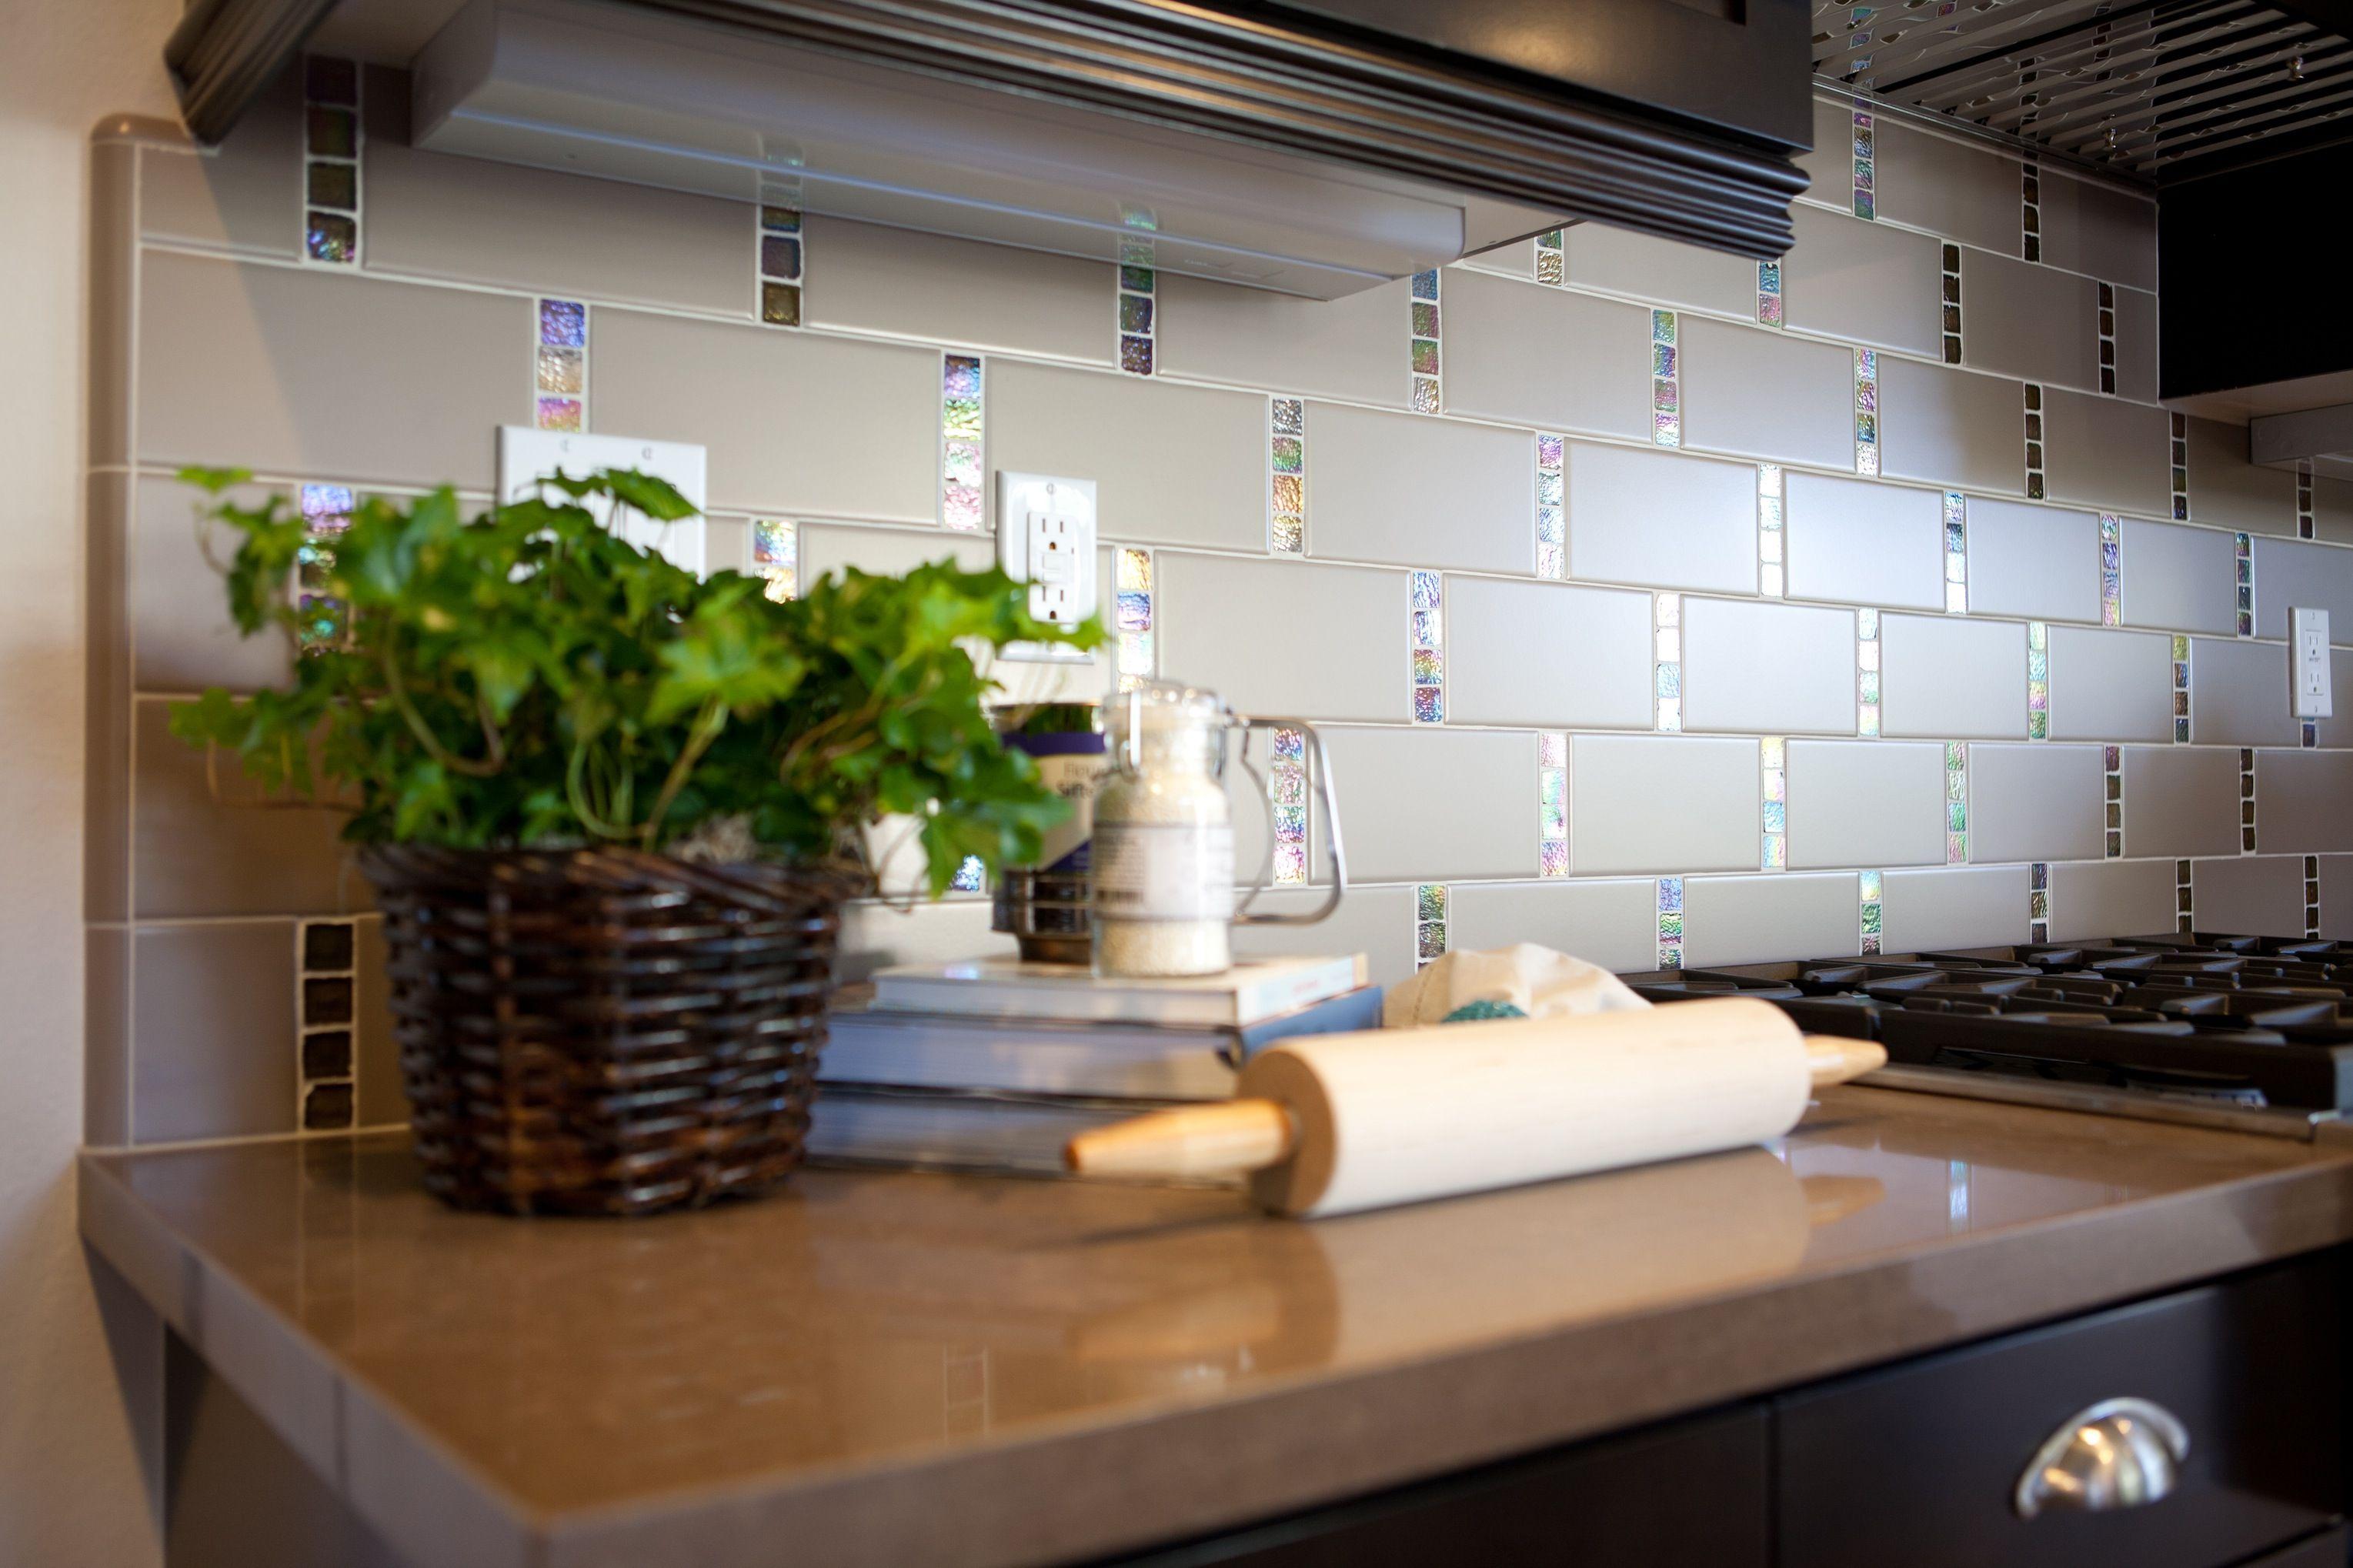 Küchenideen mit dunkelbraunen schränken res  upgraded kitchen slab u tile accents  we showcase an